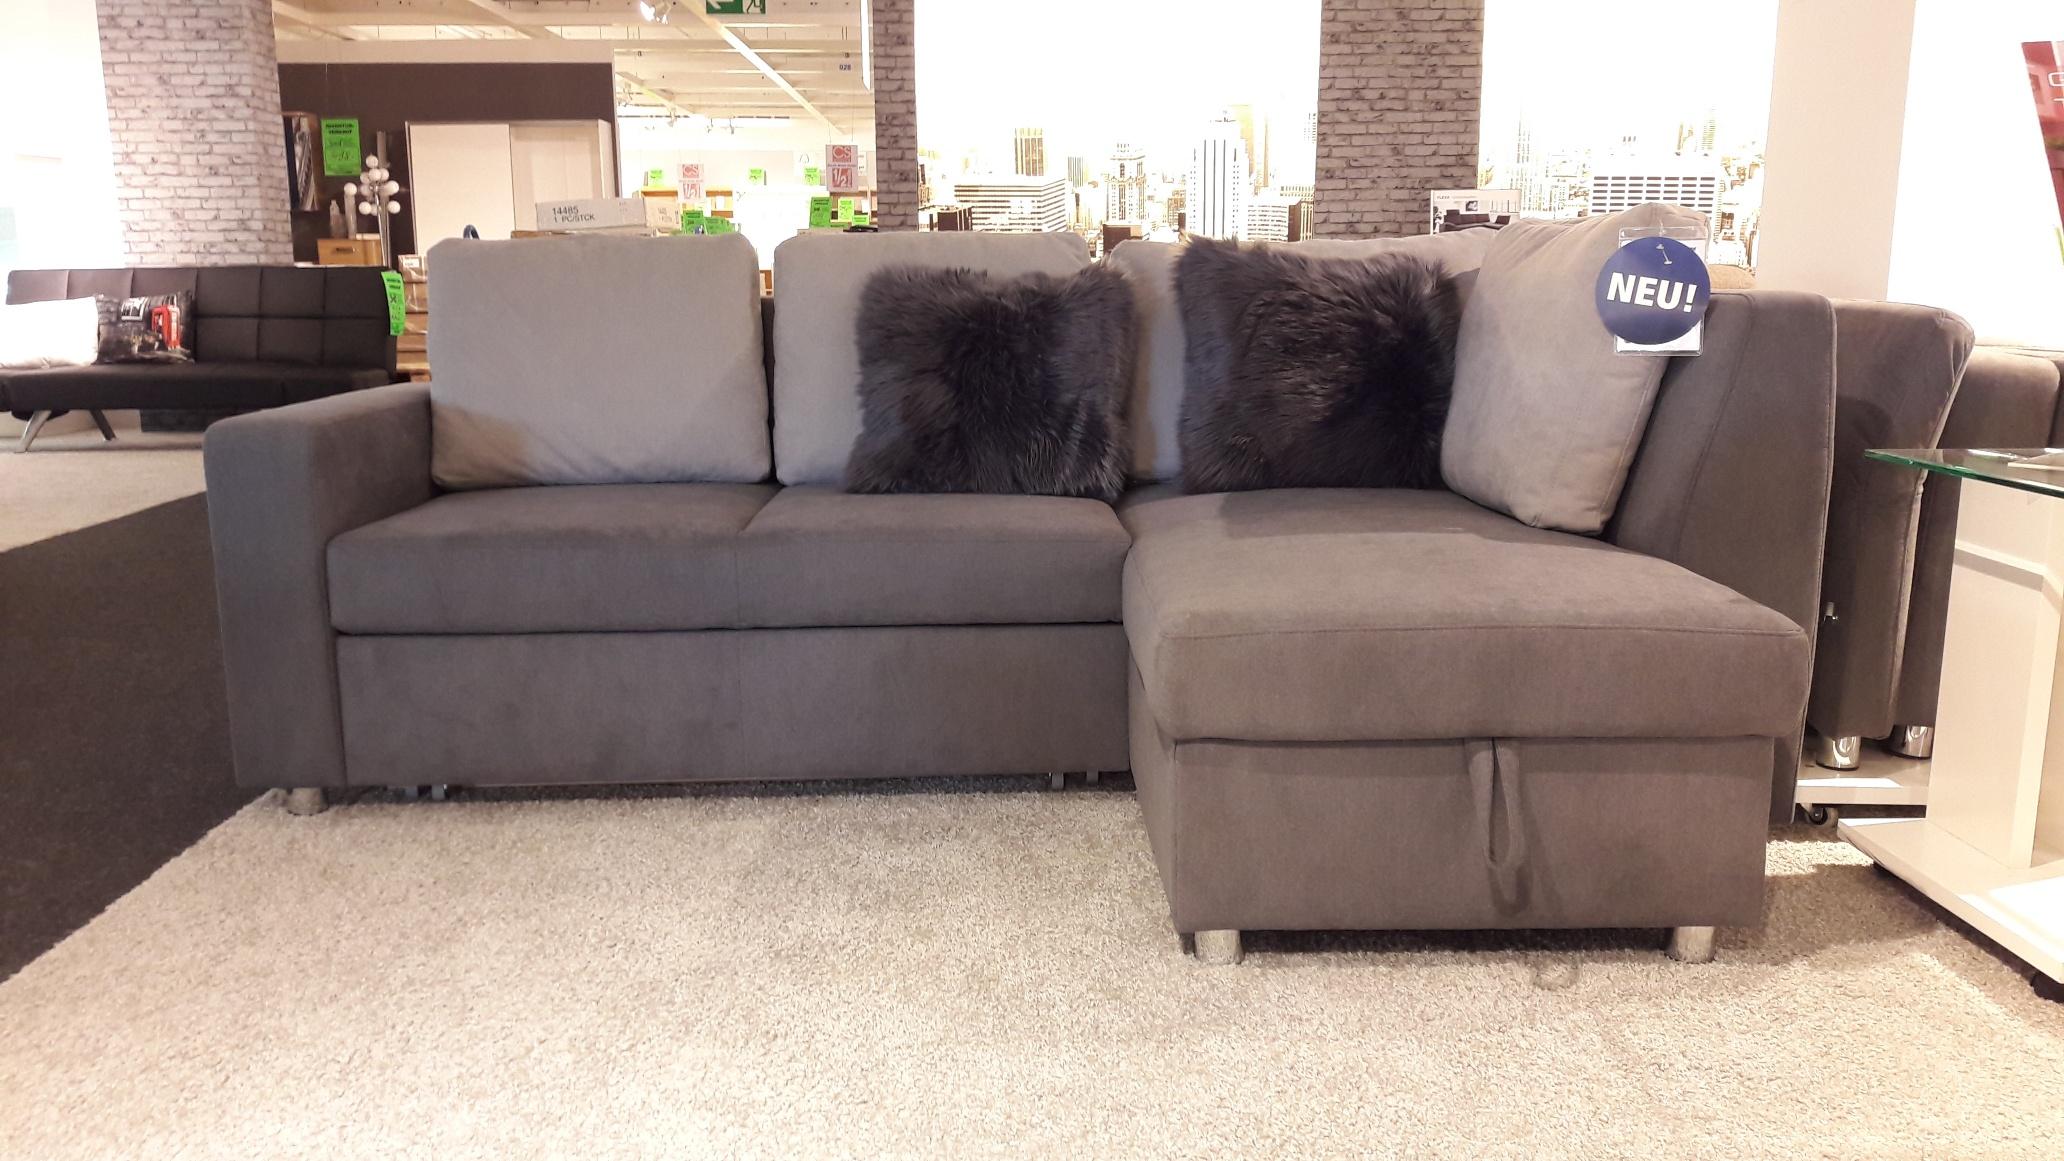 steinpol poco schlafsofa westpoint m bel fischer. Black Bedroom Furniture Sets. Home Design Ideas